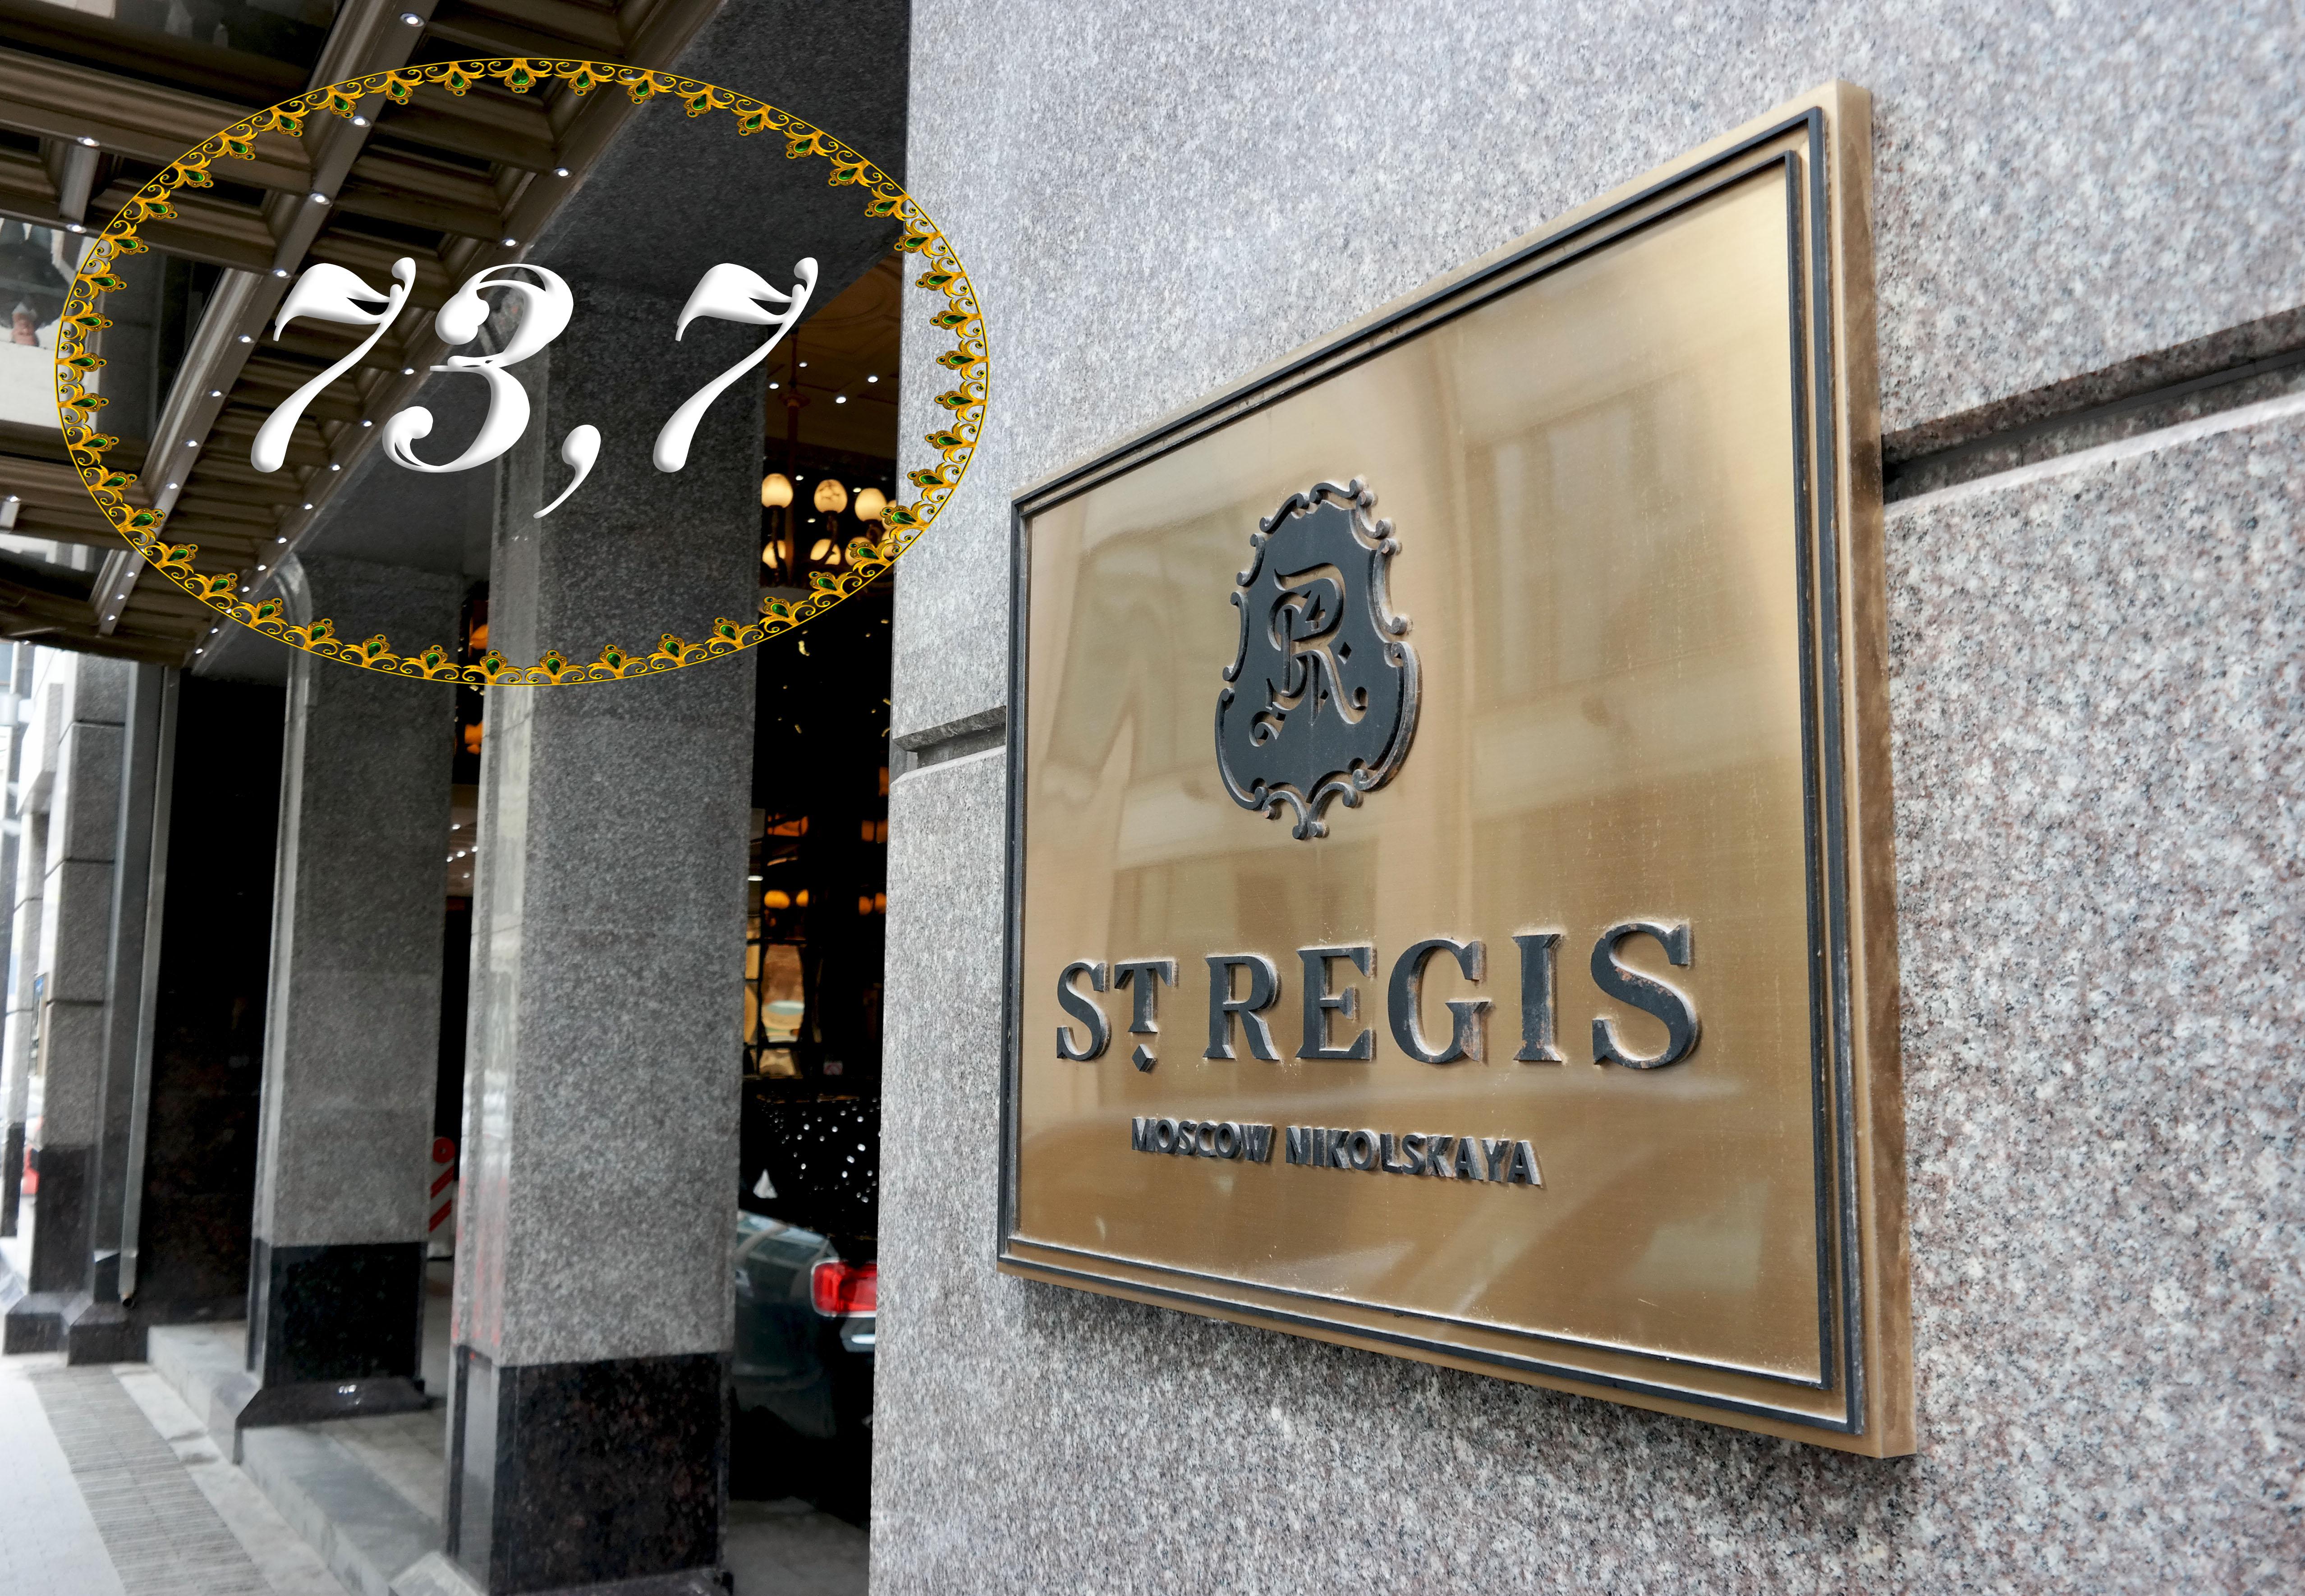 Отчет о сборе вещей в отеле St. Regis